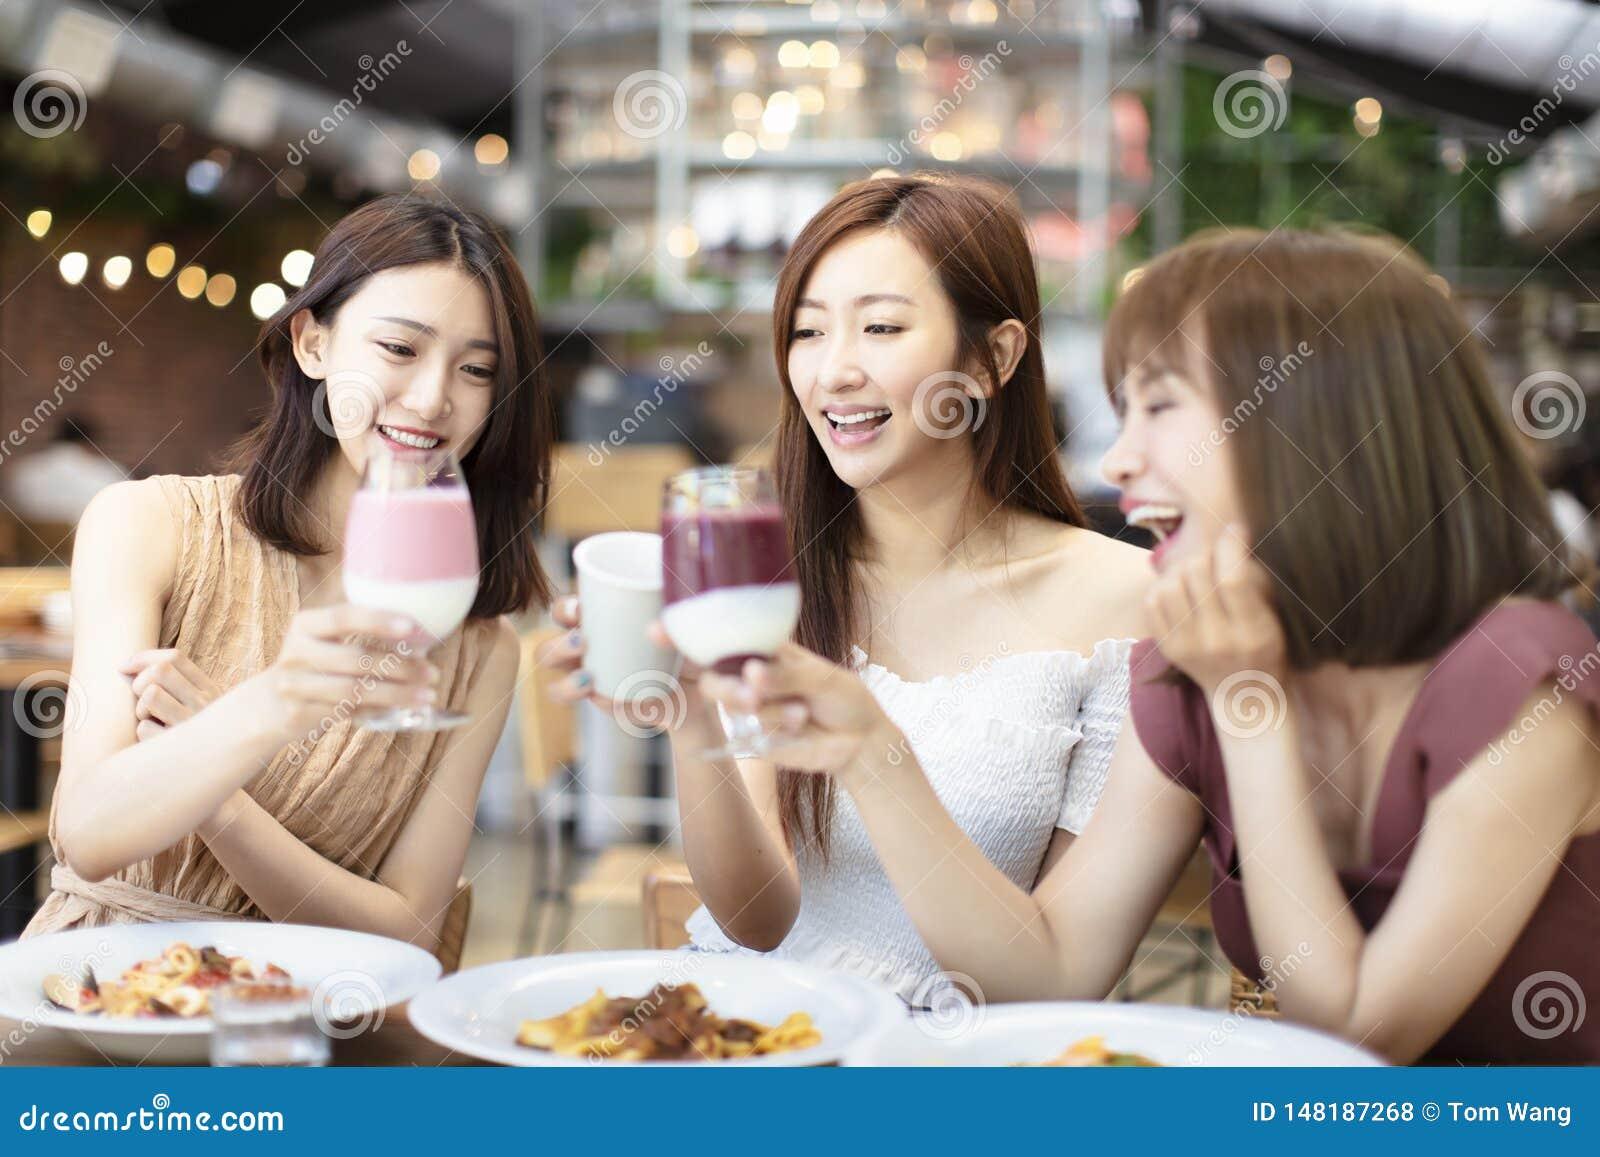 Друзья празднуют с тостом и Clink в ресторане